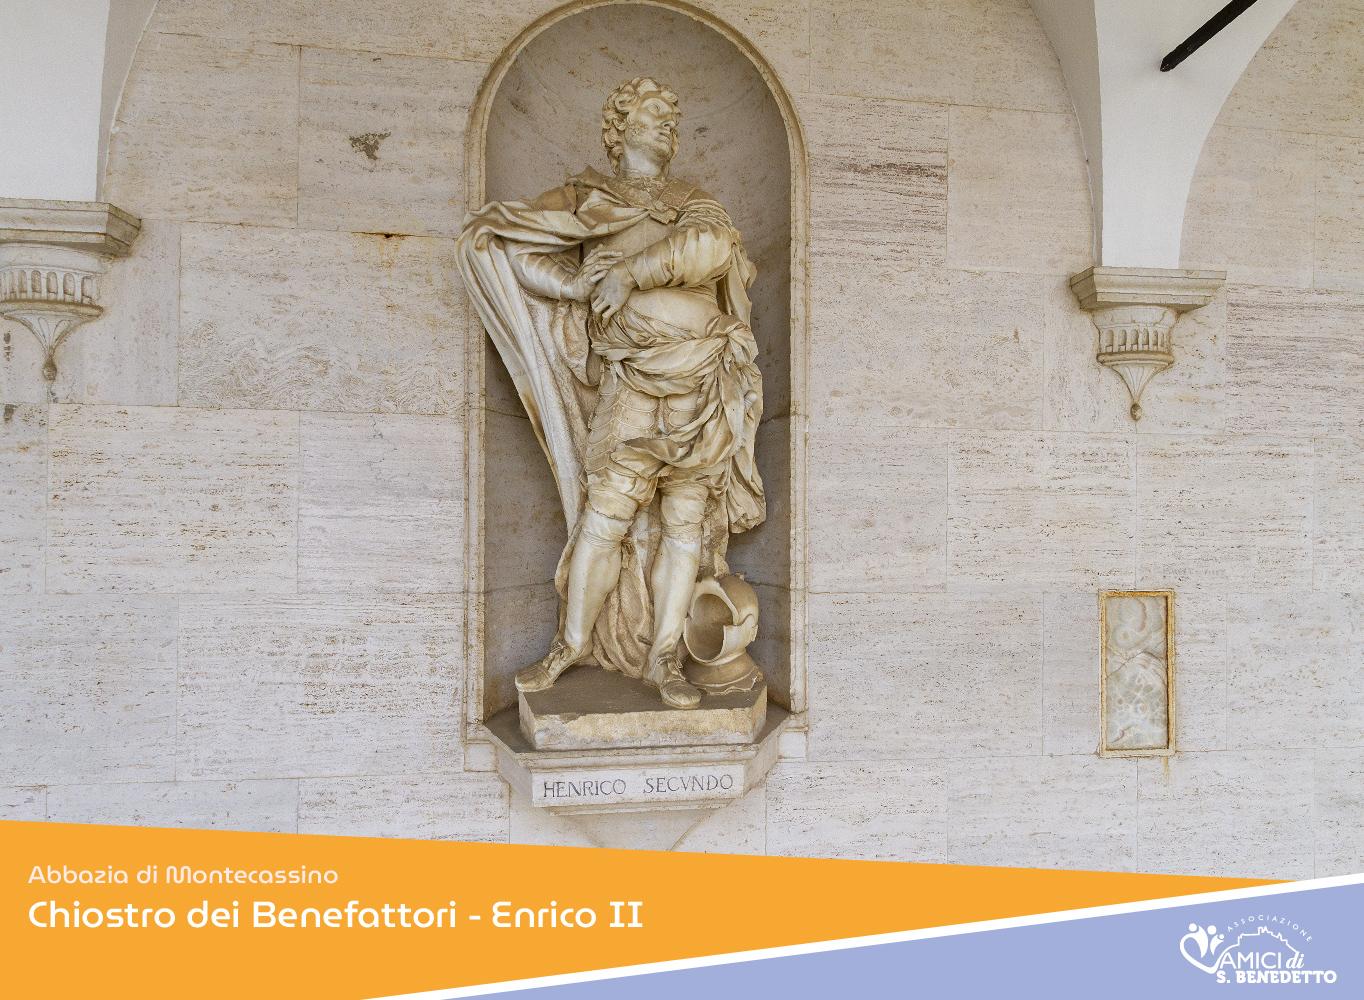 Enrico II